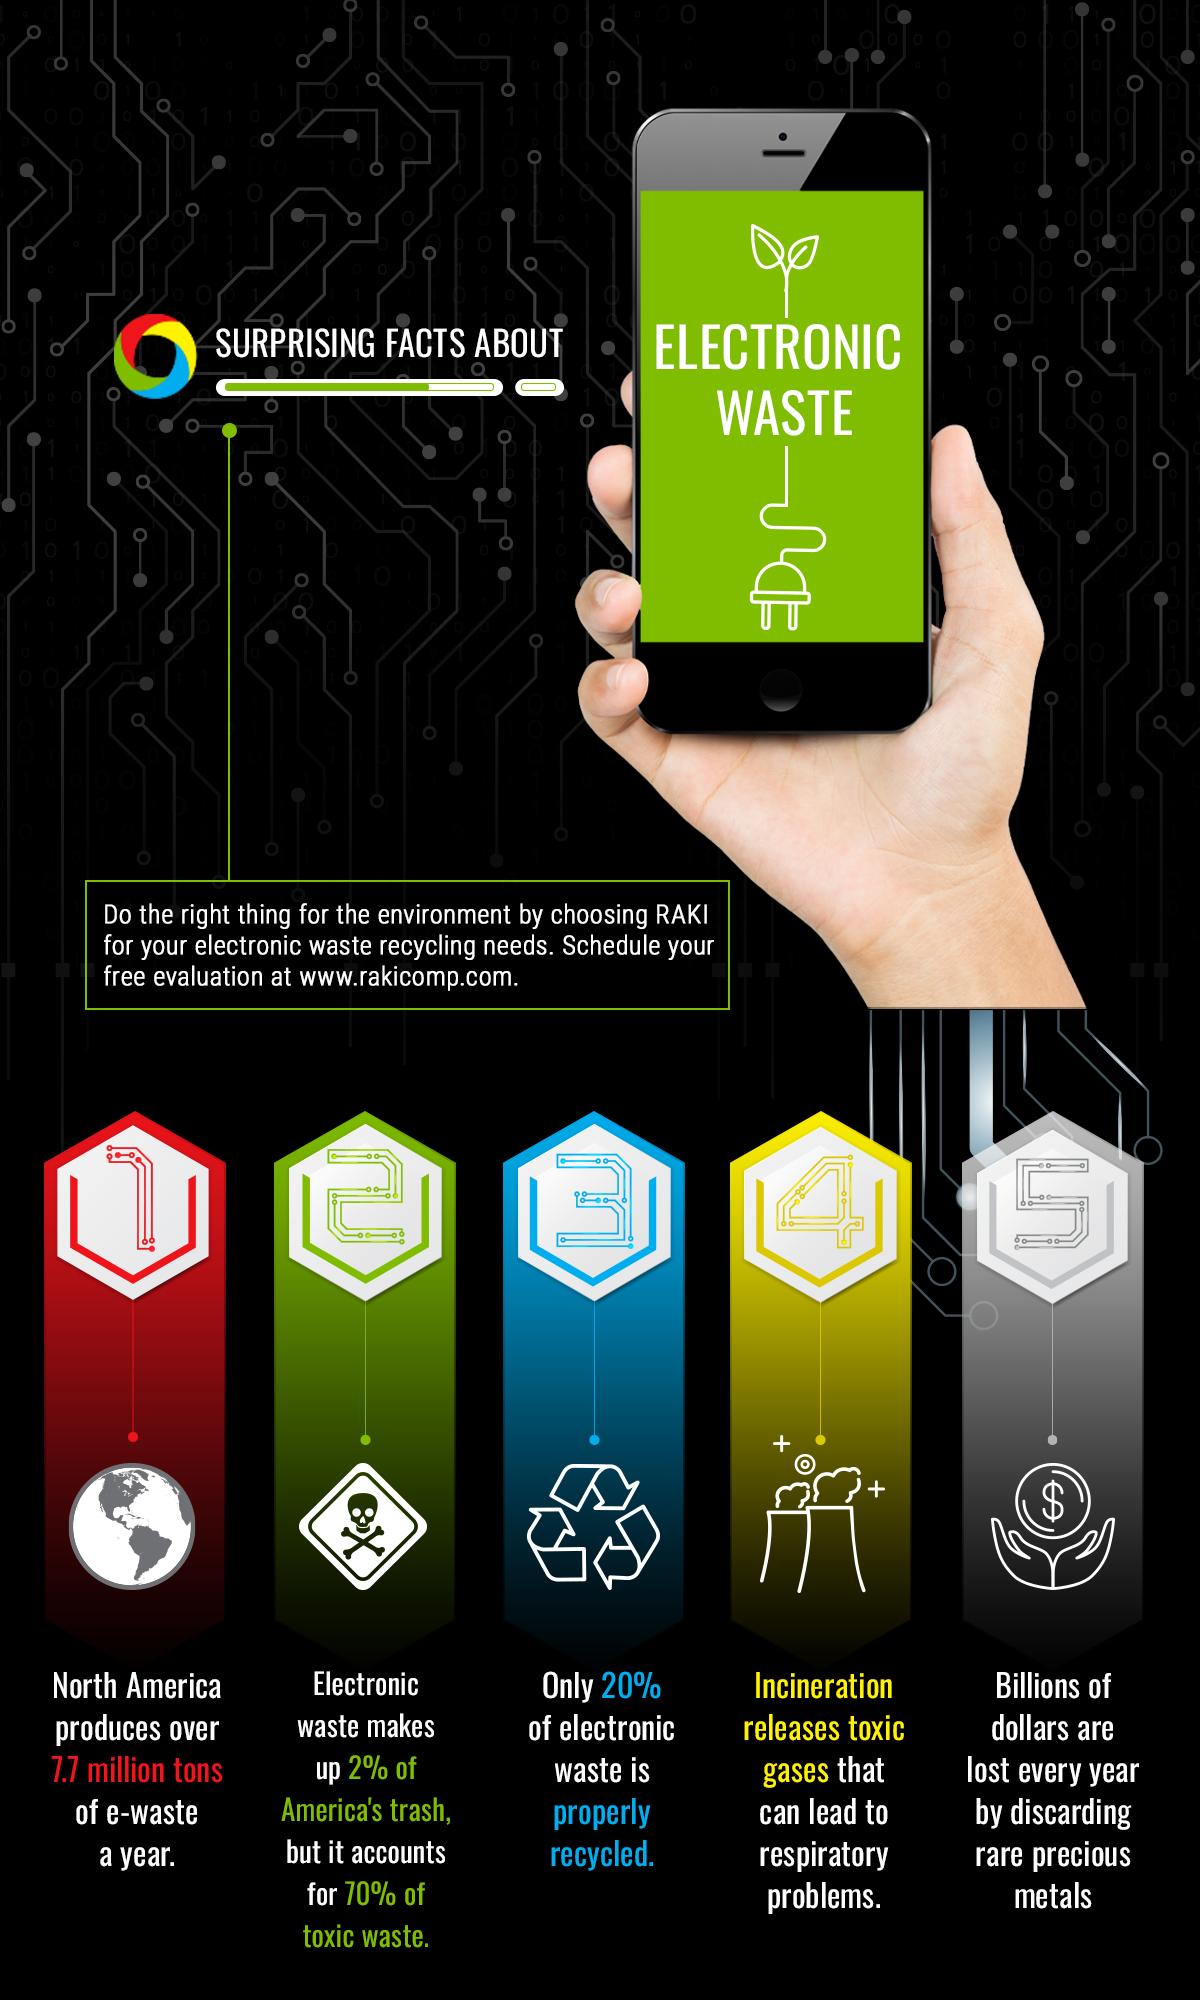 RAKI_E-Waste-Recycling-Facts